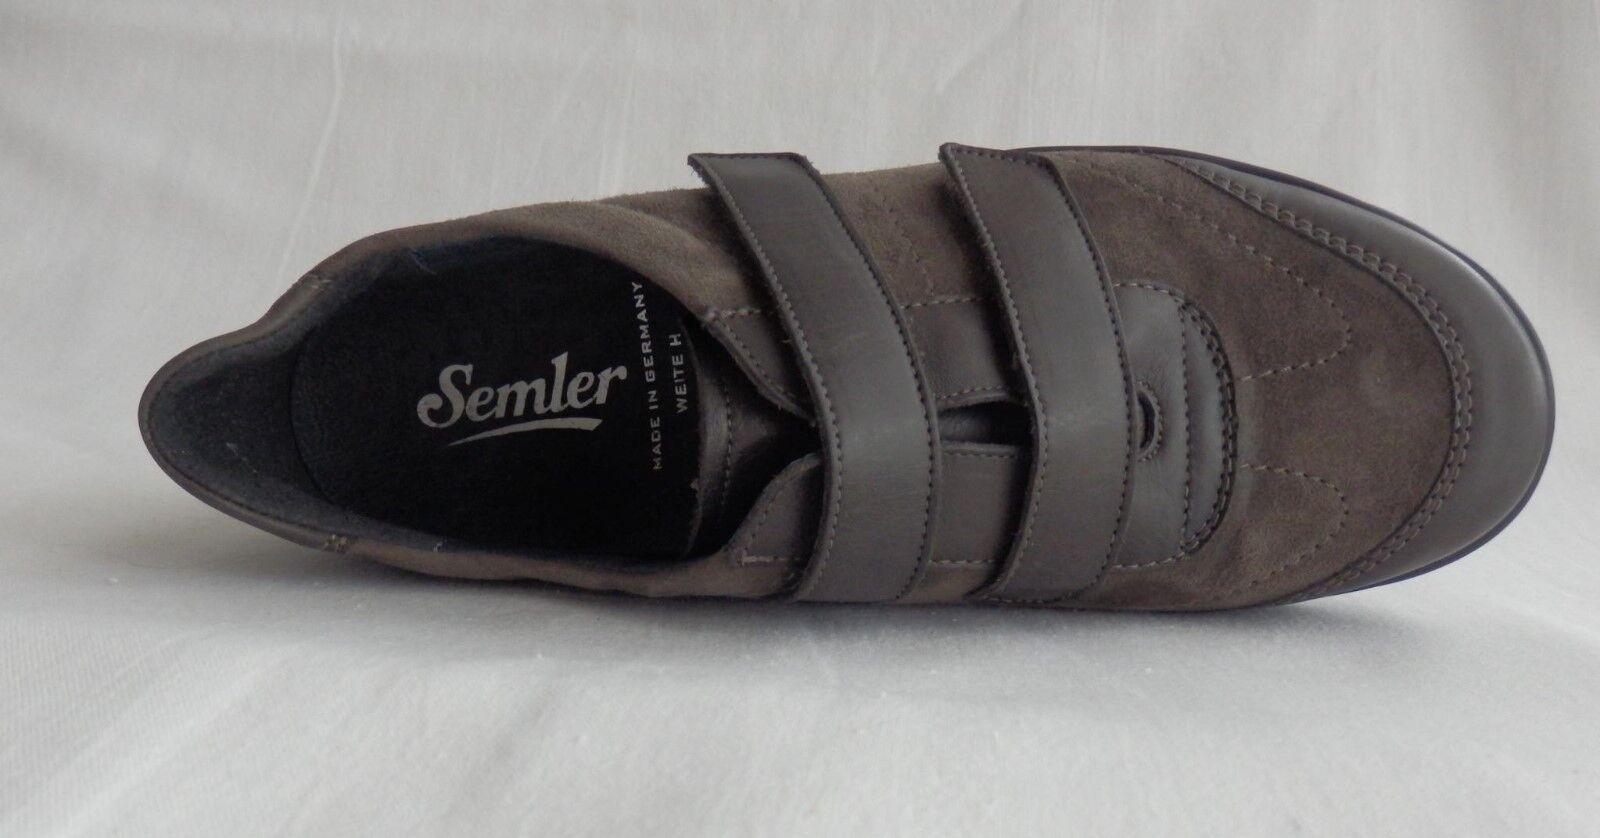 Semler Klettschuhe Slipper Klettschuhe Semler fango Leder Gr. 37(4), 37,5(4+), 41(7), 43(9) afe743